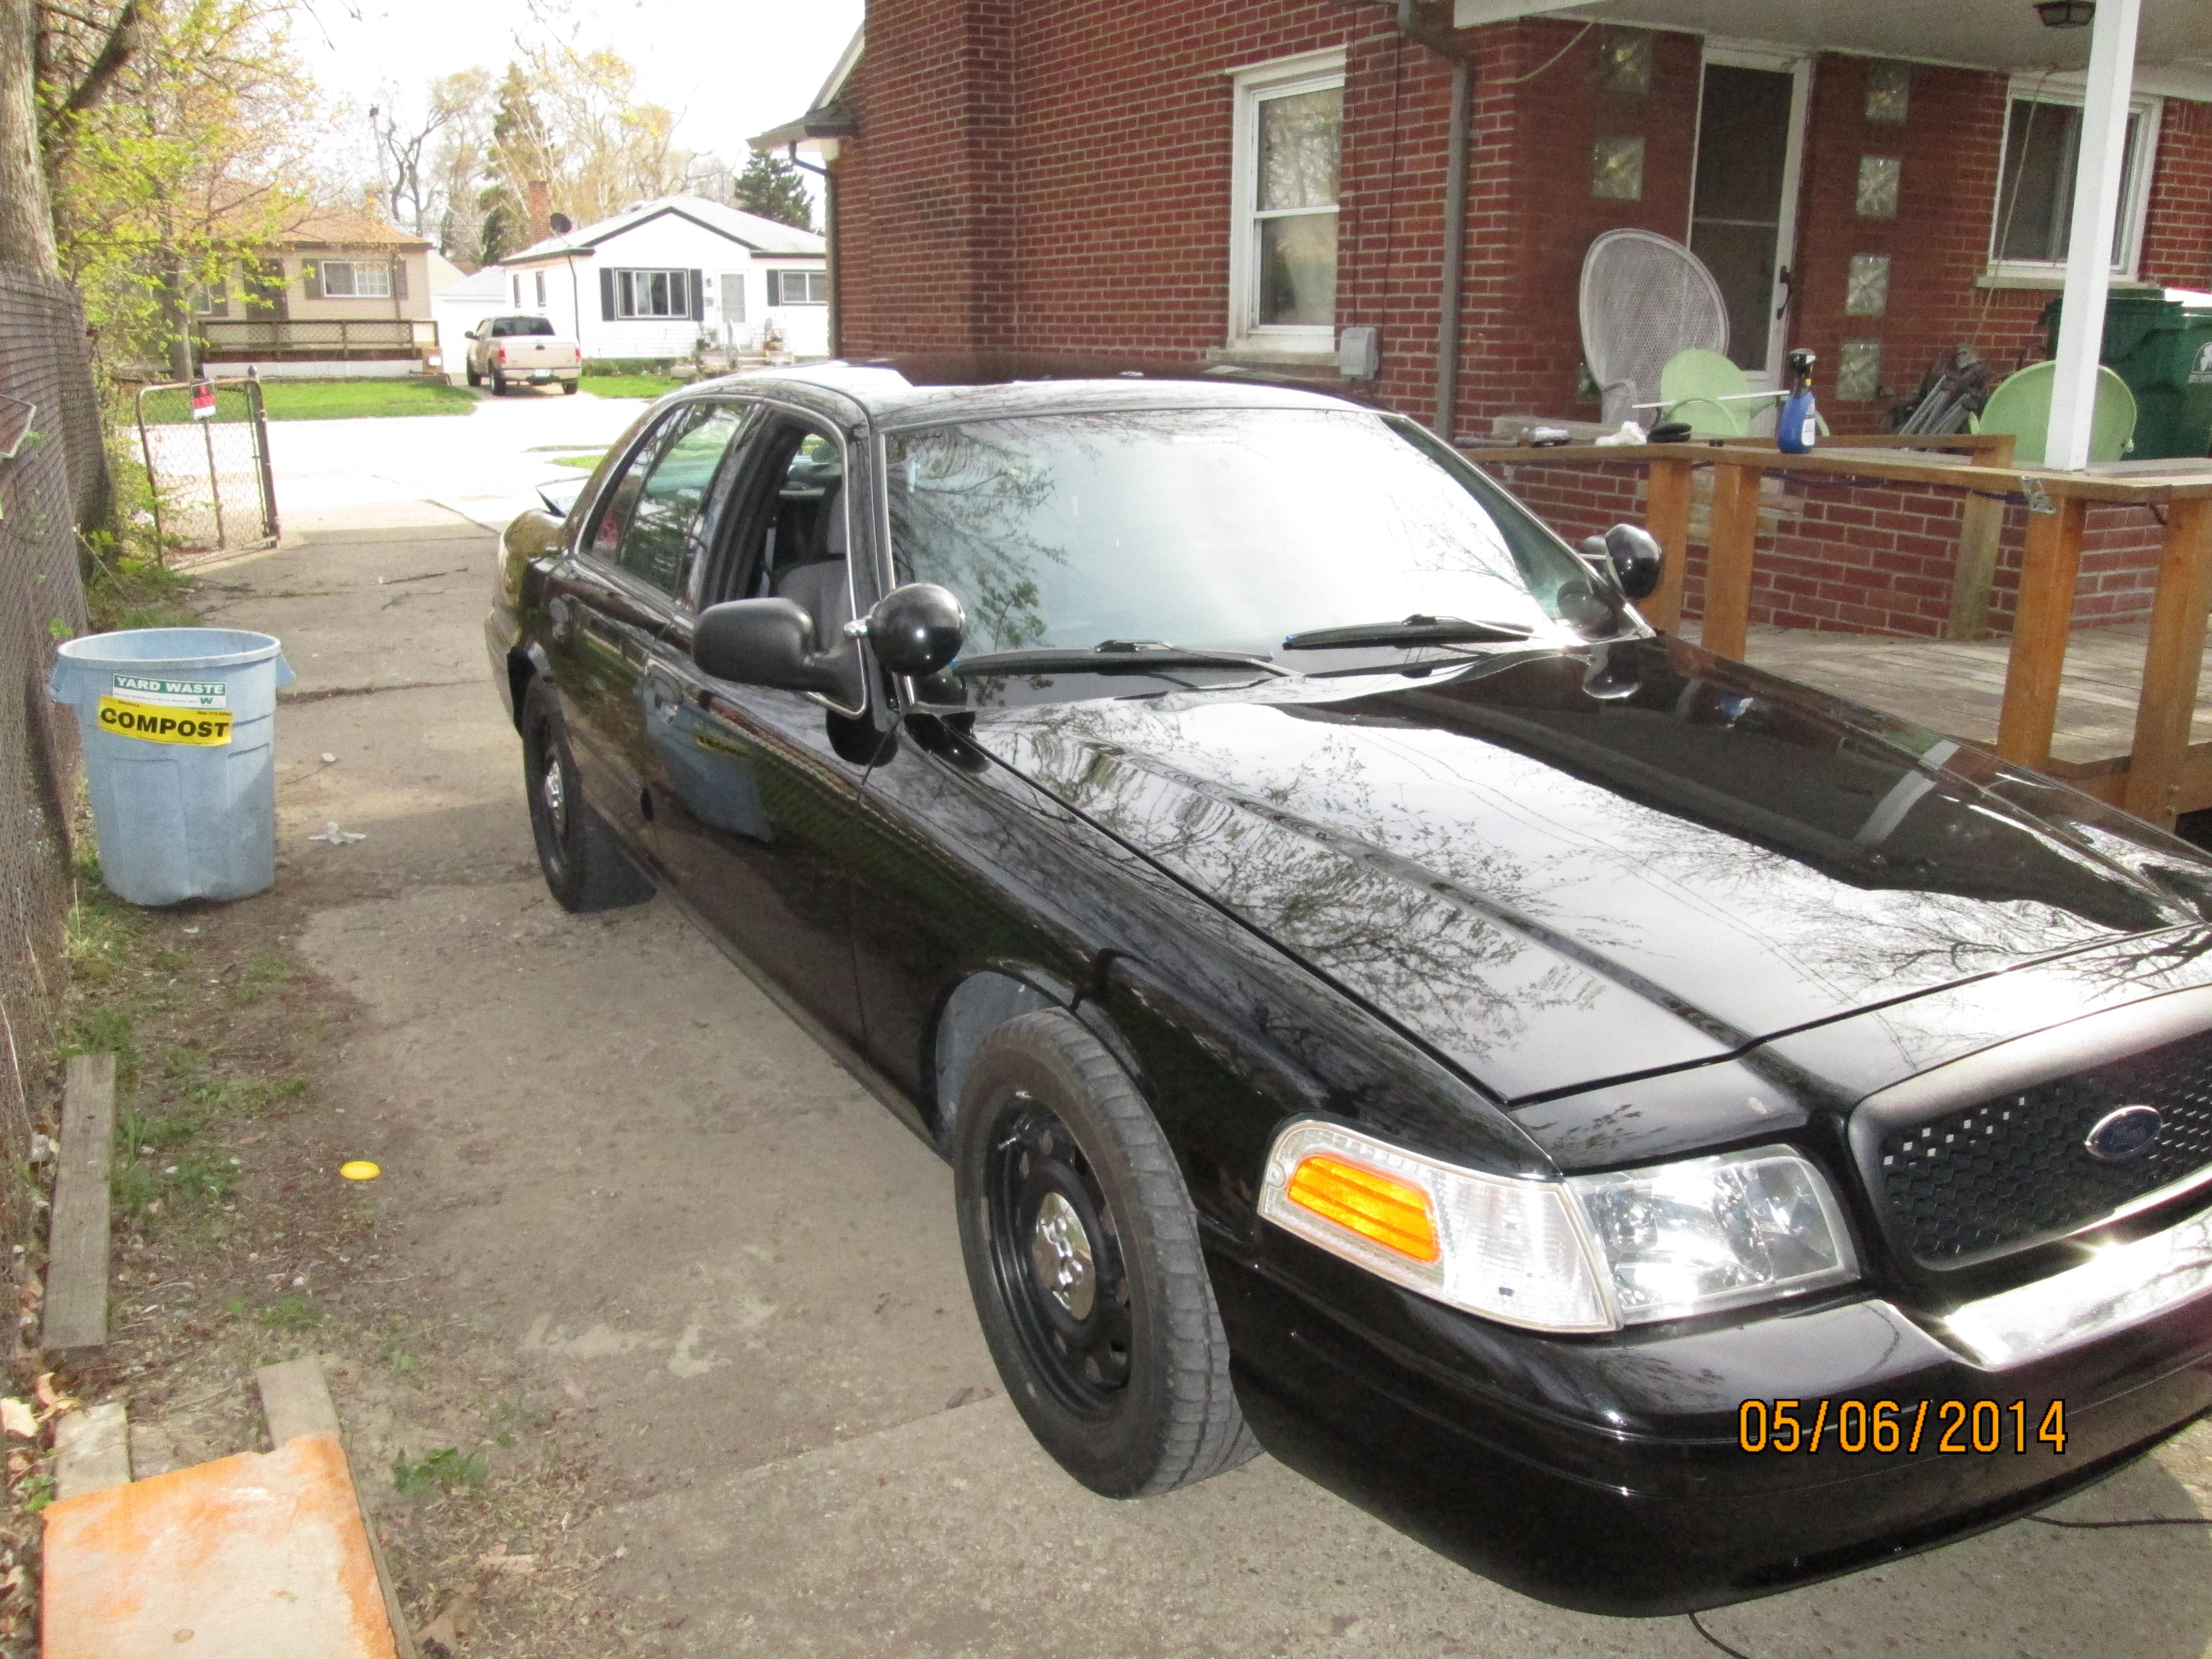 Cop car fix